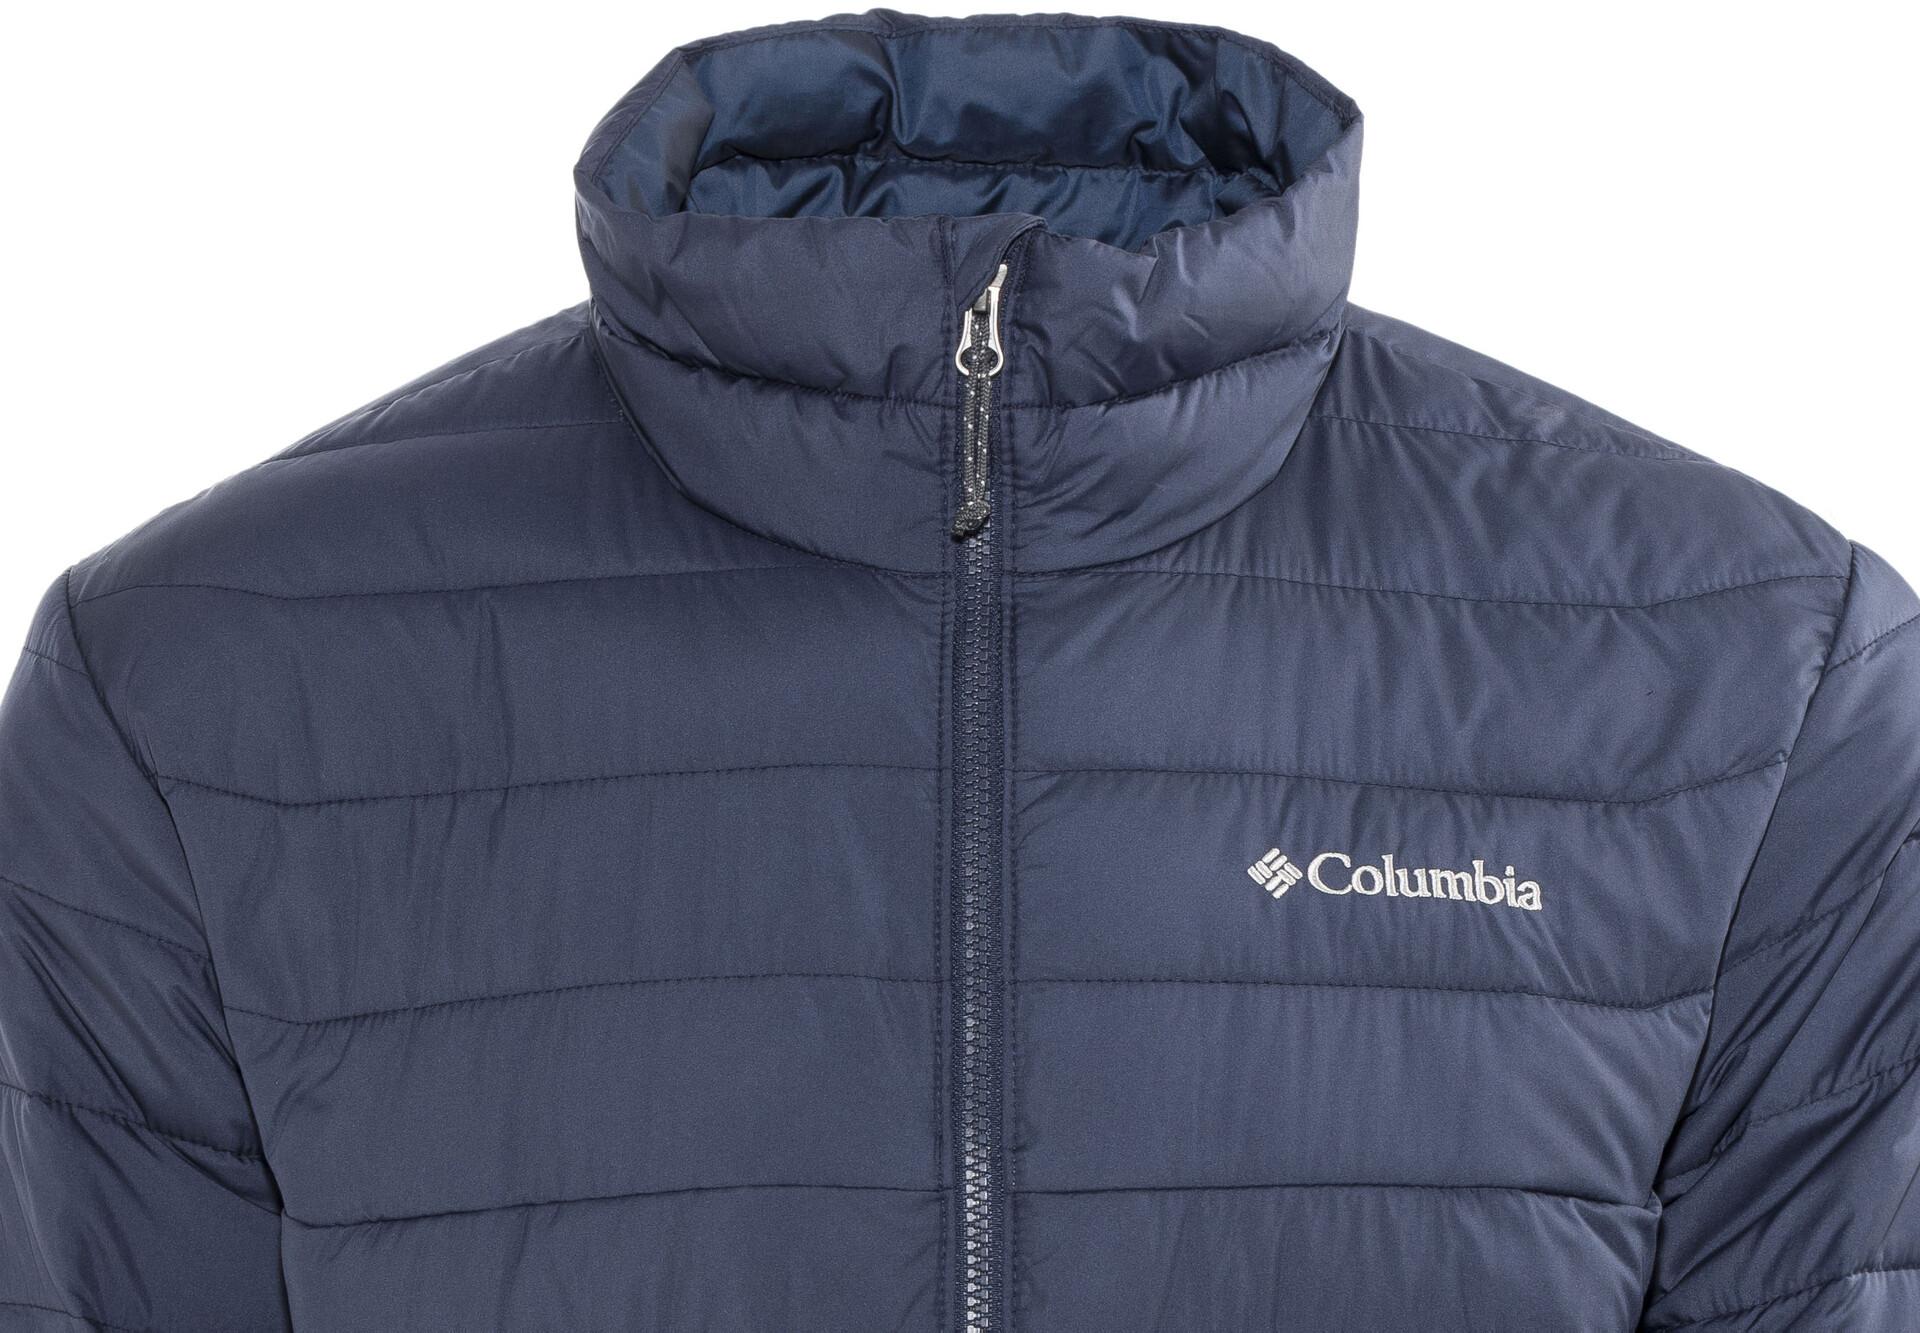 Homme Veste Lite Columbia Sur Powder Campz Bleu ulKJF13Tc